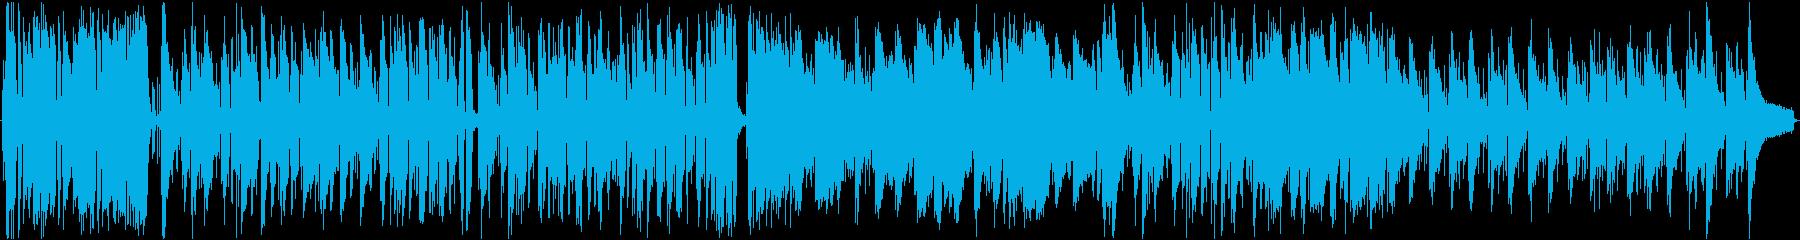 フラメンコ風 おしゃれななラテンBGMの再生済みの波形